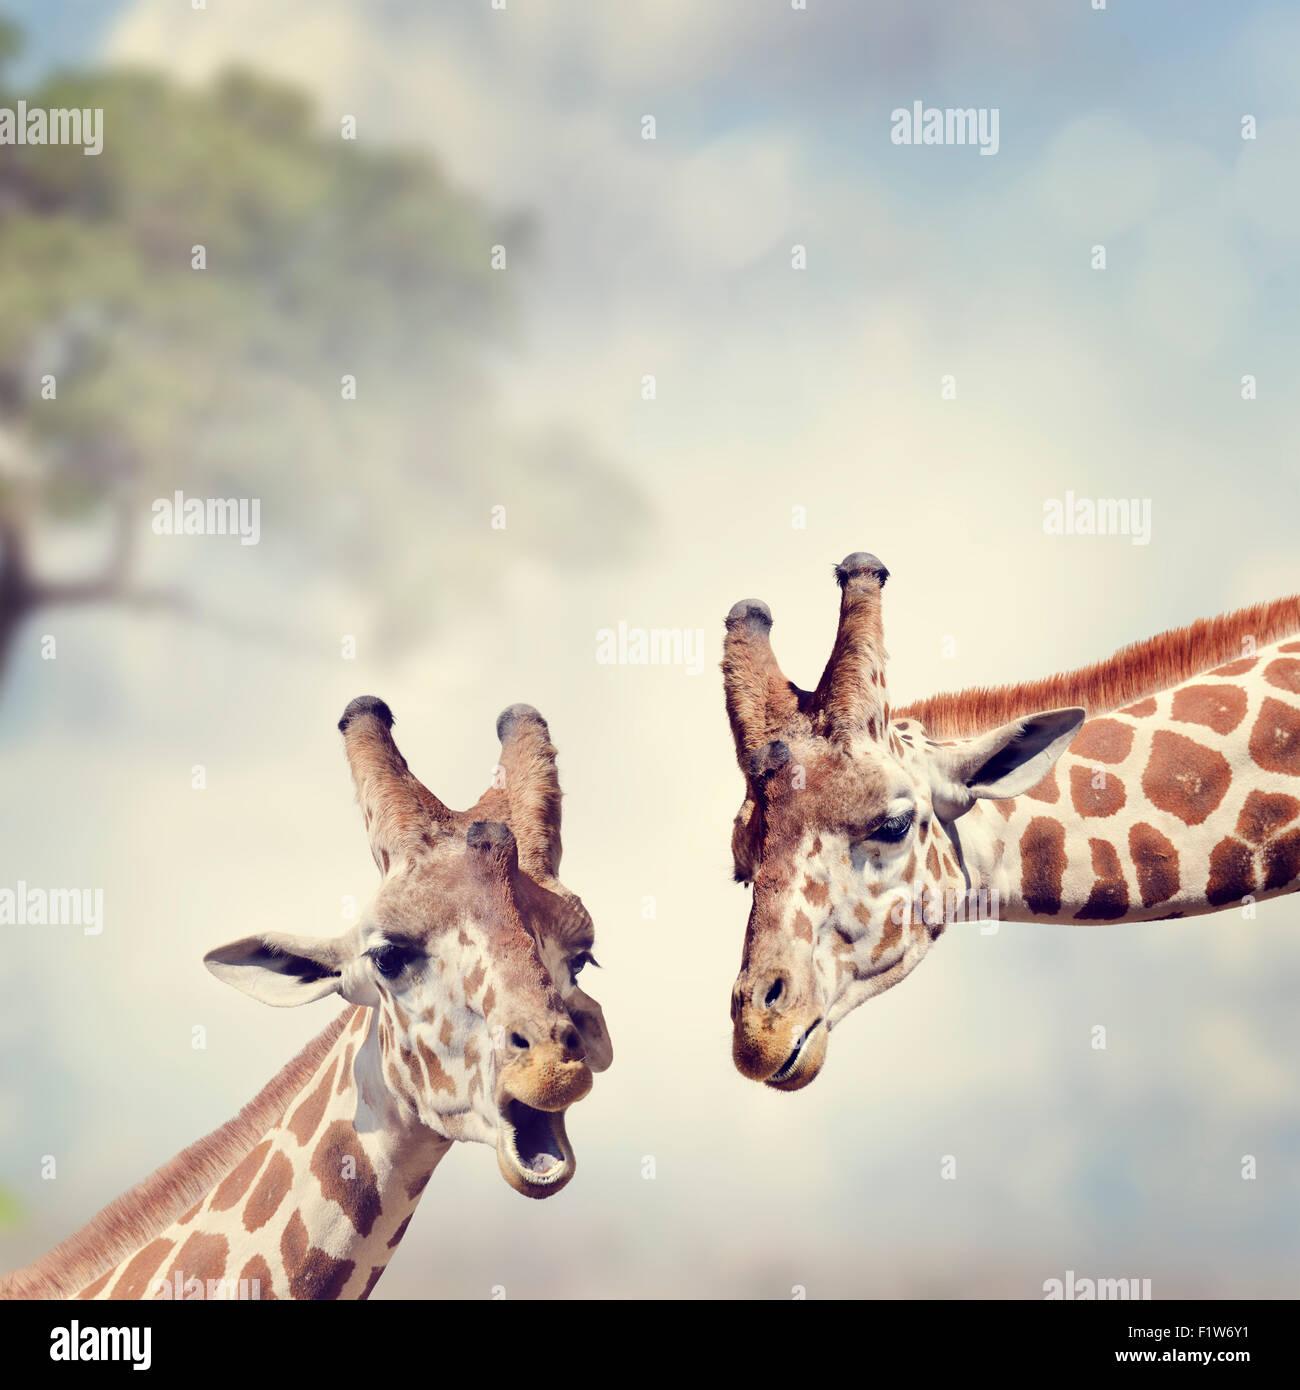 Imagen de dos jirafas adultos Imagen De Stock